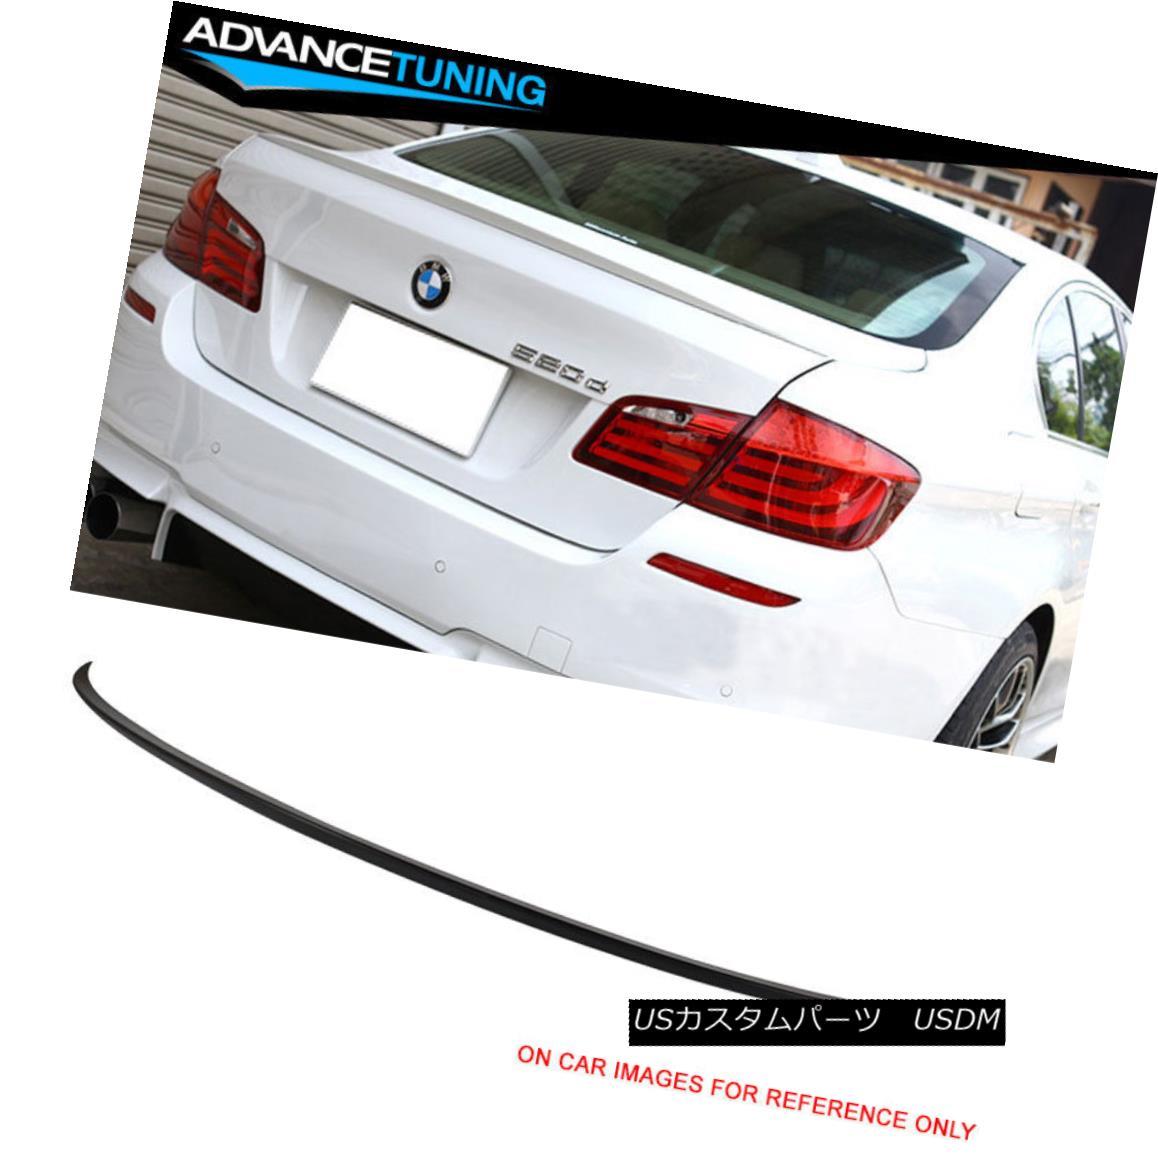 エアロパーツ 11-16 BMW 5-Series F10 4Dr 4Door Sedan M5 Unpainted ABS Rear Trunk Spoiler 11-16 BMW 5シリーズF10 4Dr 4ドアセダンM5未塗装ABSリアトランク・スポイラー